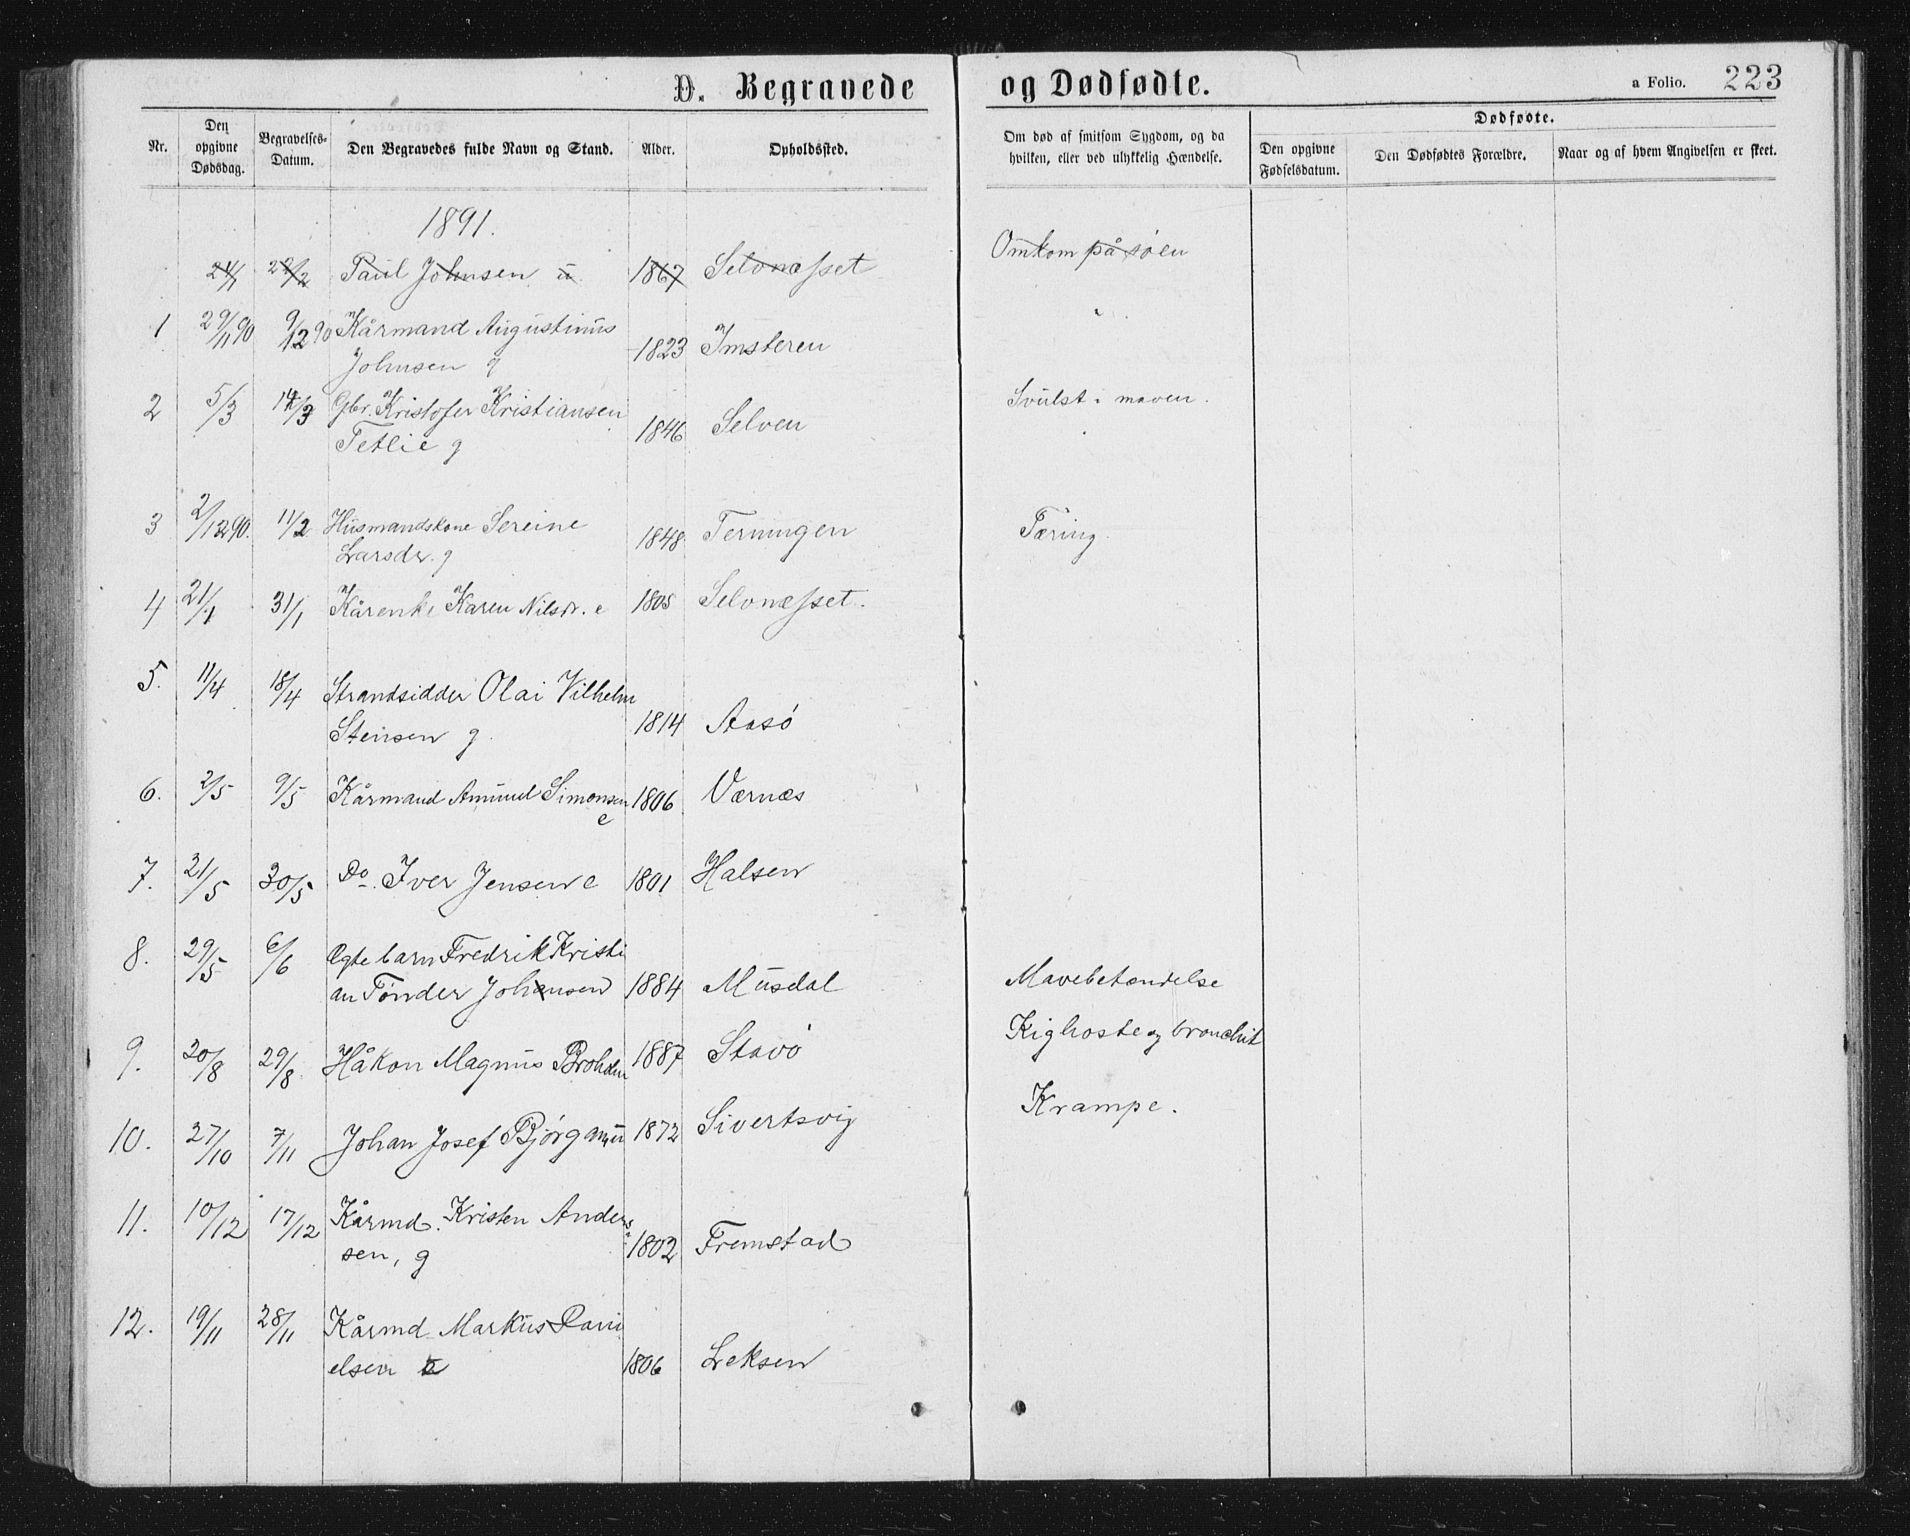 SAT, Ministerialprotokoller, klokkerbøker og fødselsregistre - Sør-Trøndelag, 662/L0756: Klokkerbok nr. 662C01, 1869-1891, s. 223